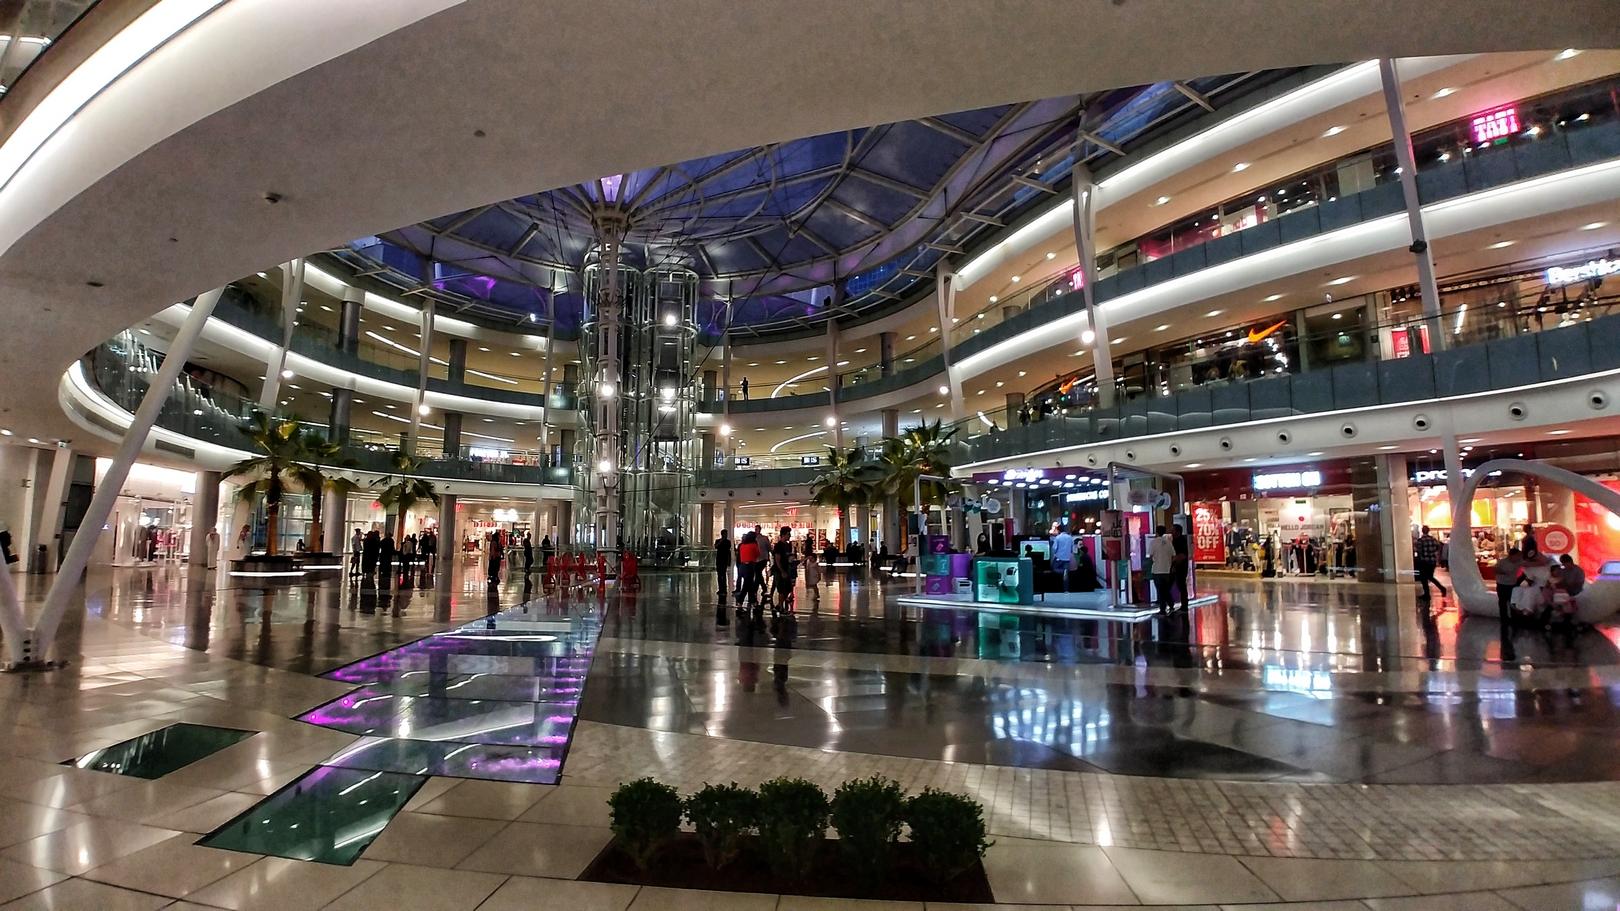 Jordanie - Mall / centre commercial à Amman